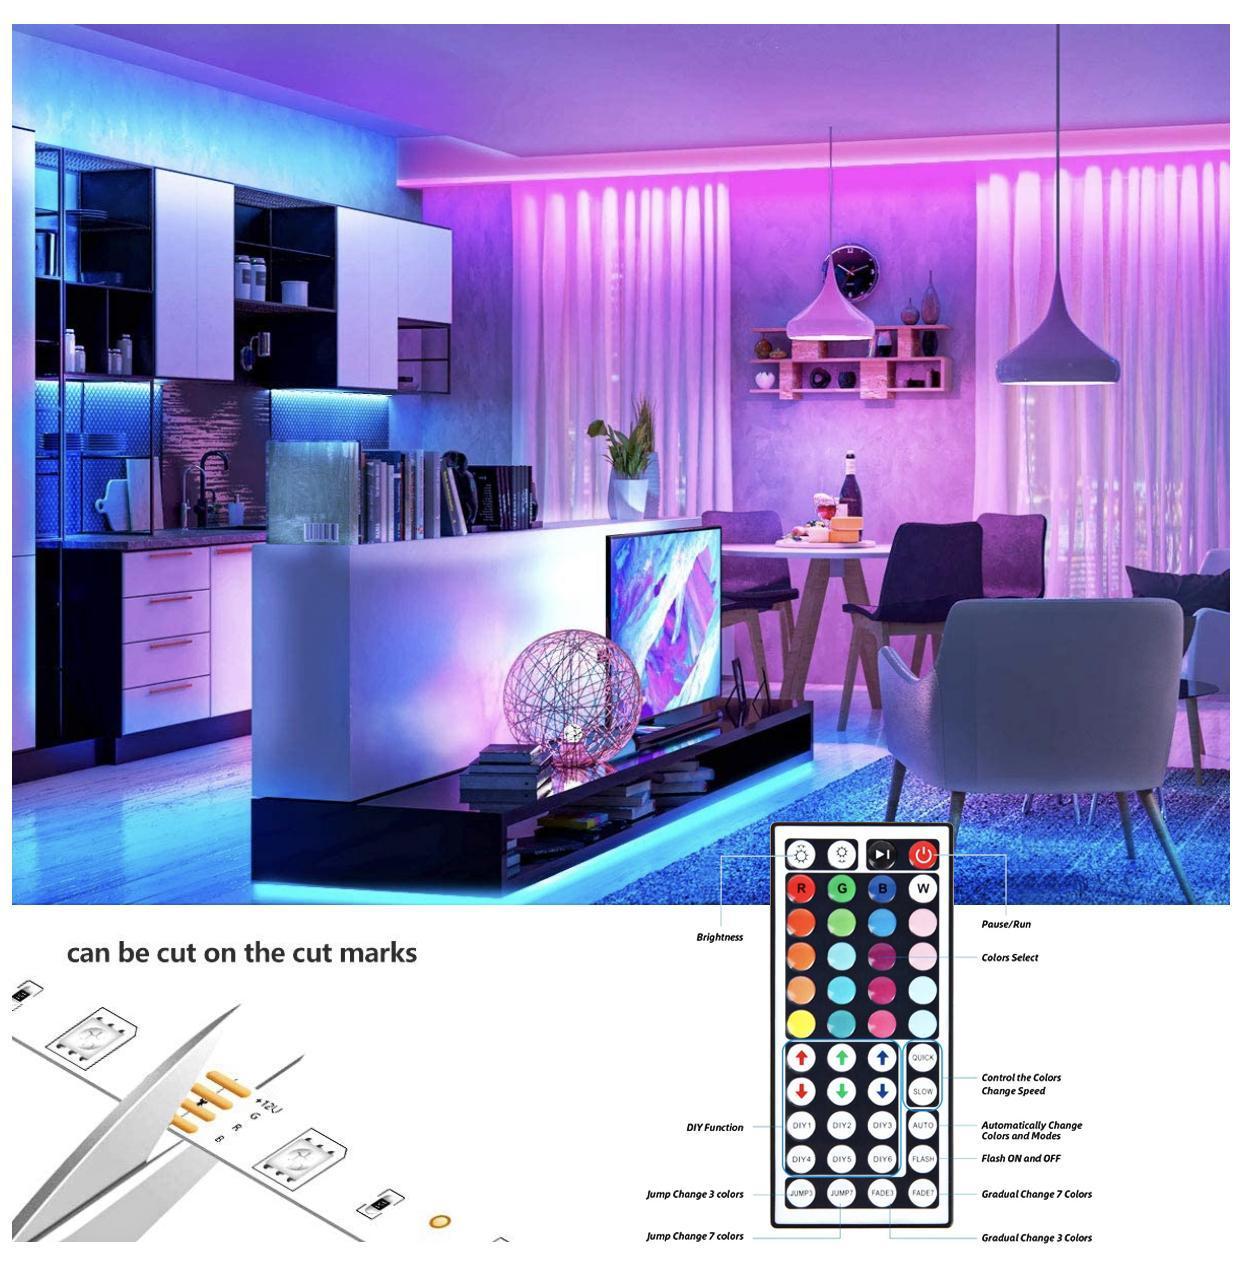 حار بيع LED قطاع أضواء RGB 16.4Ft / 5M SMD 5050 DC12V مرنة شرائط أضواء 50LED / متر 16Different ثابت الألوان